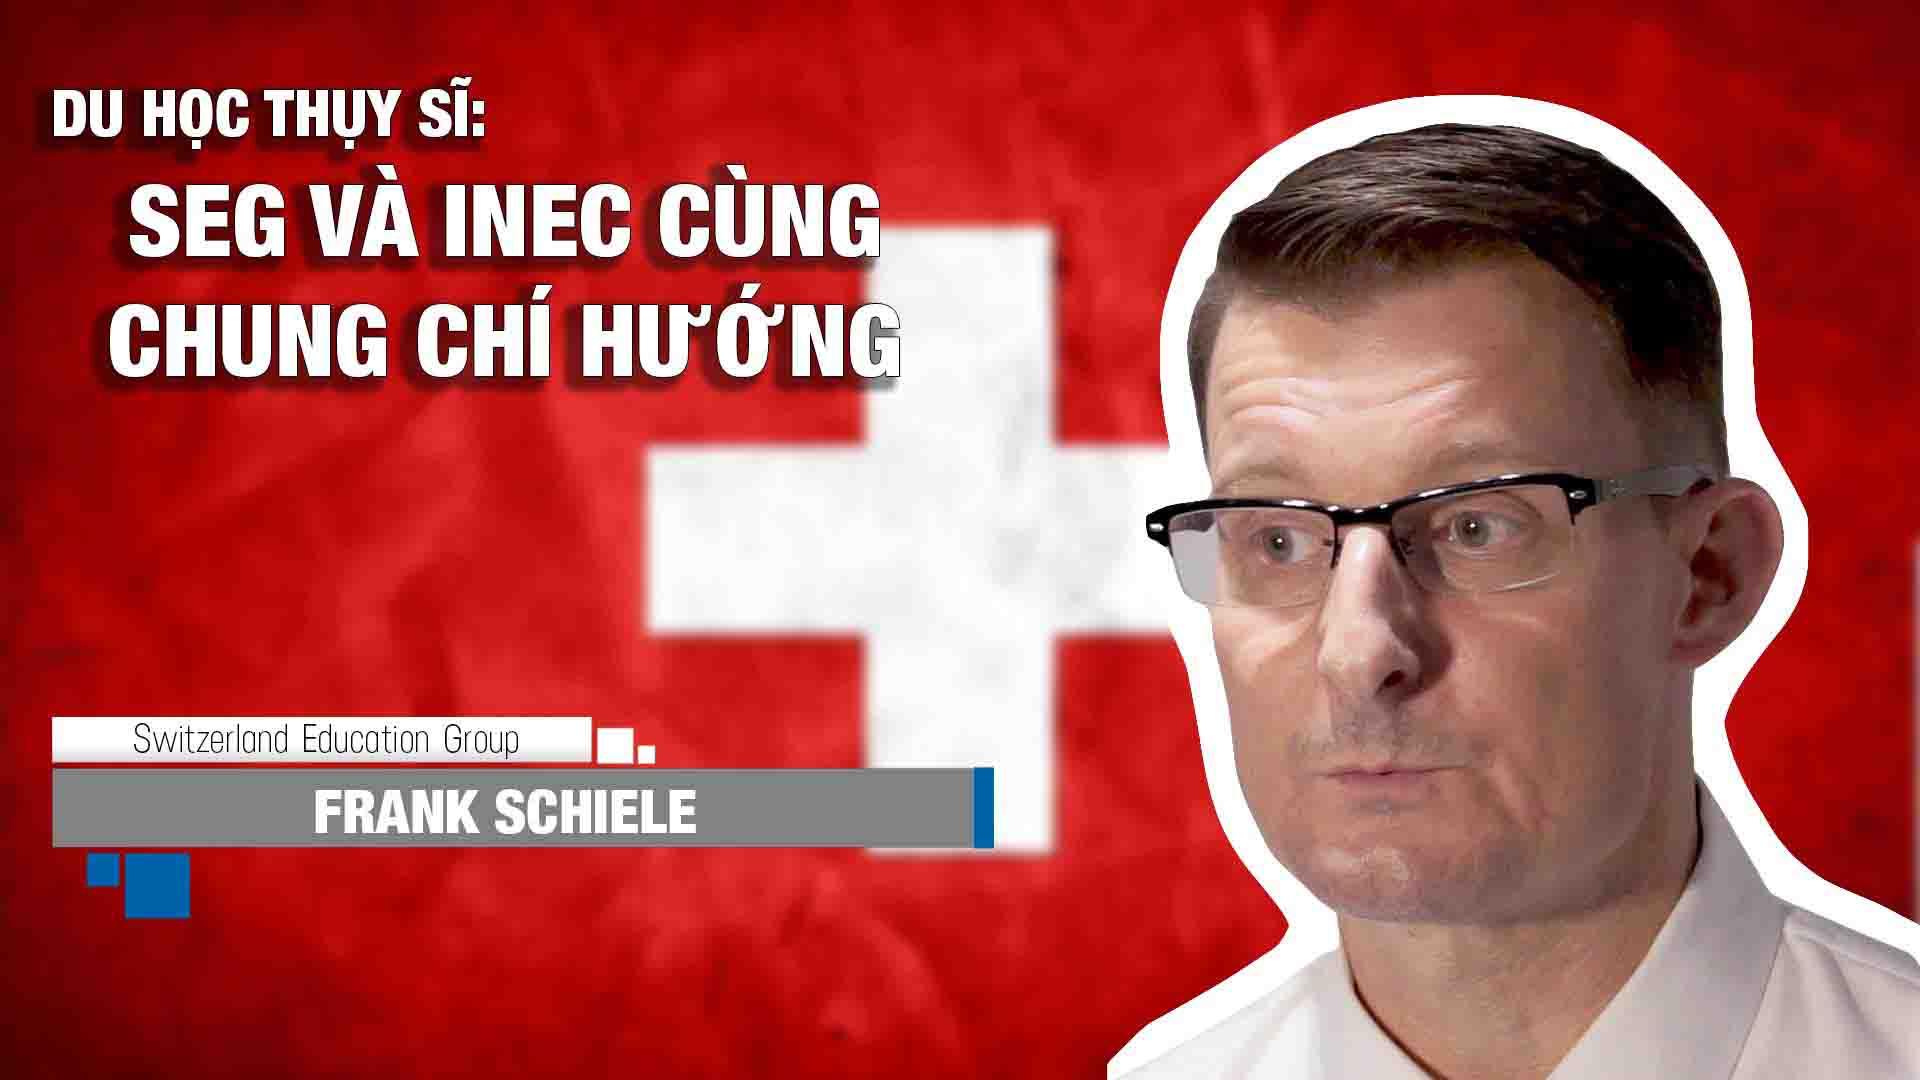 Chia sẻ của ông Frank Schiele – Đại diện Tuyển sinh khu vực Châu Á Thái Bình Dương của Tập đoàn Swiss Education Group (SEG) Thụy Sĩ về chương trình học tại 5 trường thành viên nổi tiếng về chất lượng đào tạo ngành Ẩm thực – Du lịch – Nhà hàng – Khách sạn. Nhờ vào uy tín không ngừng được cải thiện cùng những sự hỗ trợ tuyệt vời cho sinh viên, SEG được hàng ngàn HSSV lựa chọn vào mỗi năm, hình thành nên cộng đồng giáo dục đa văn hóa thân thiện.